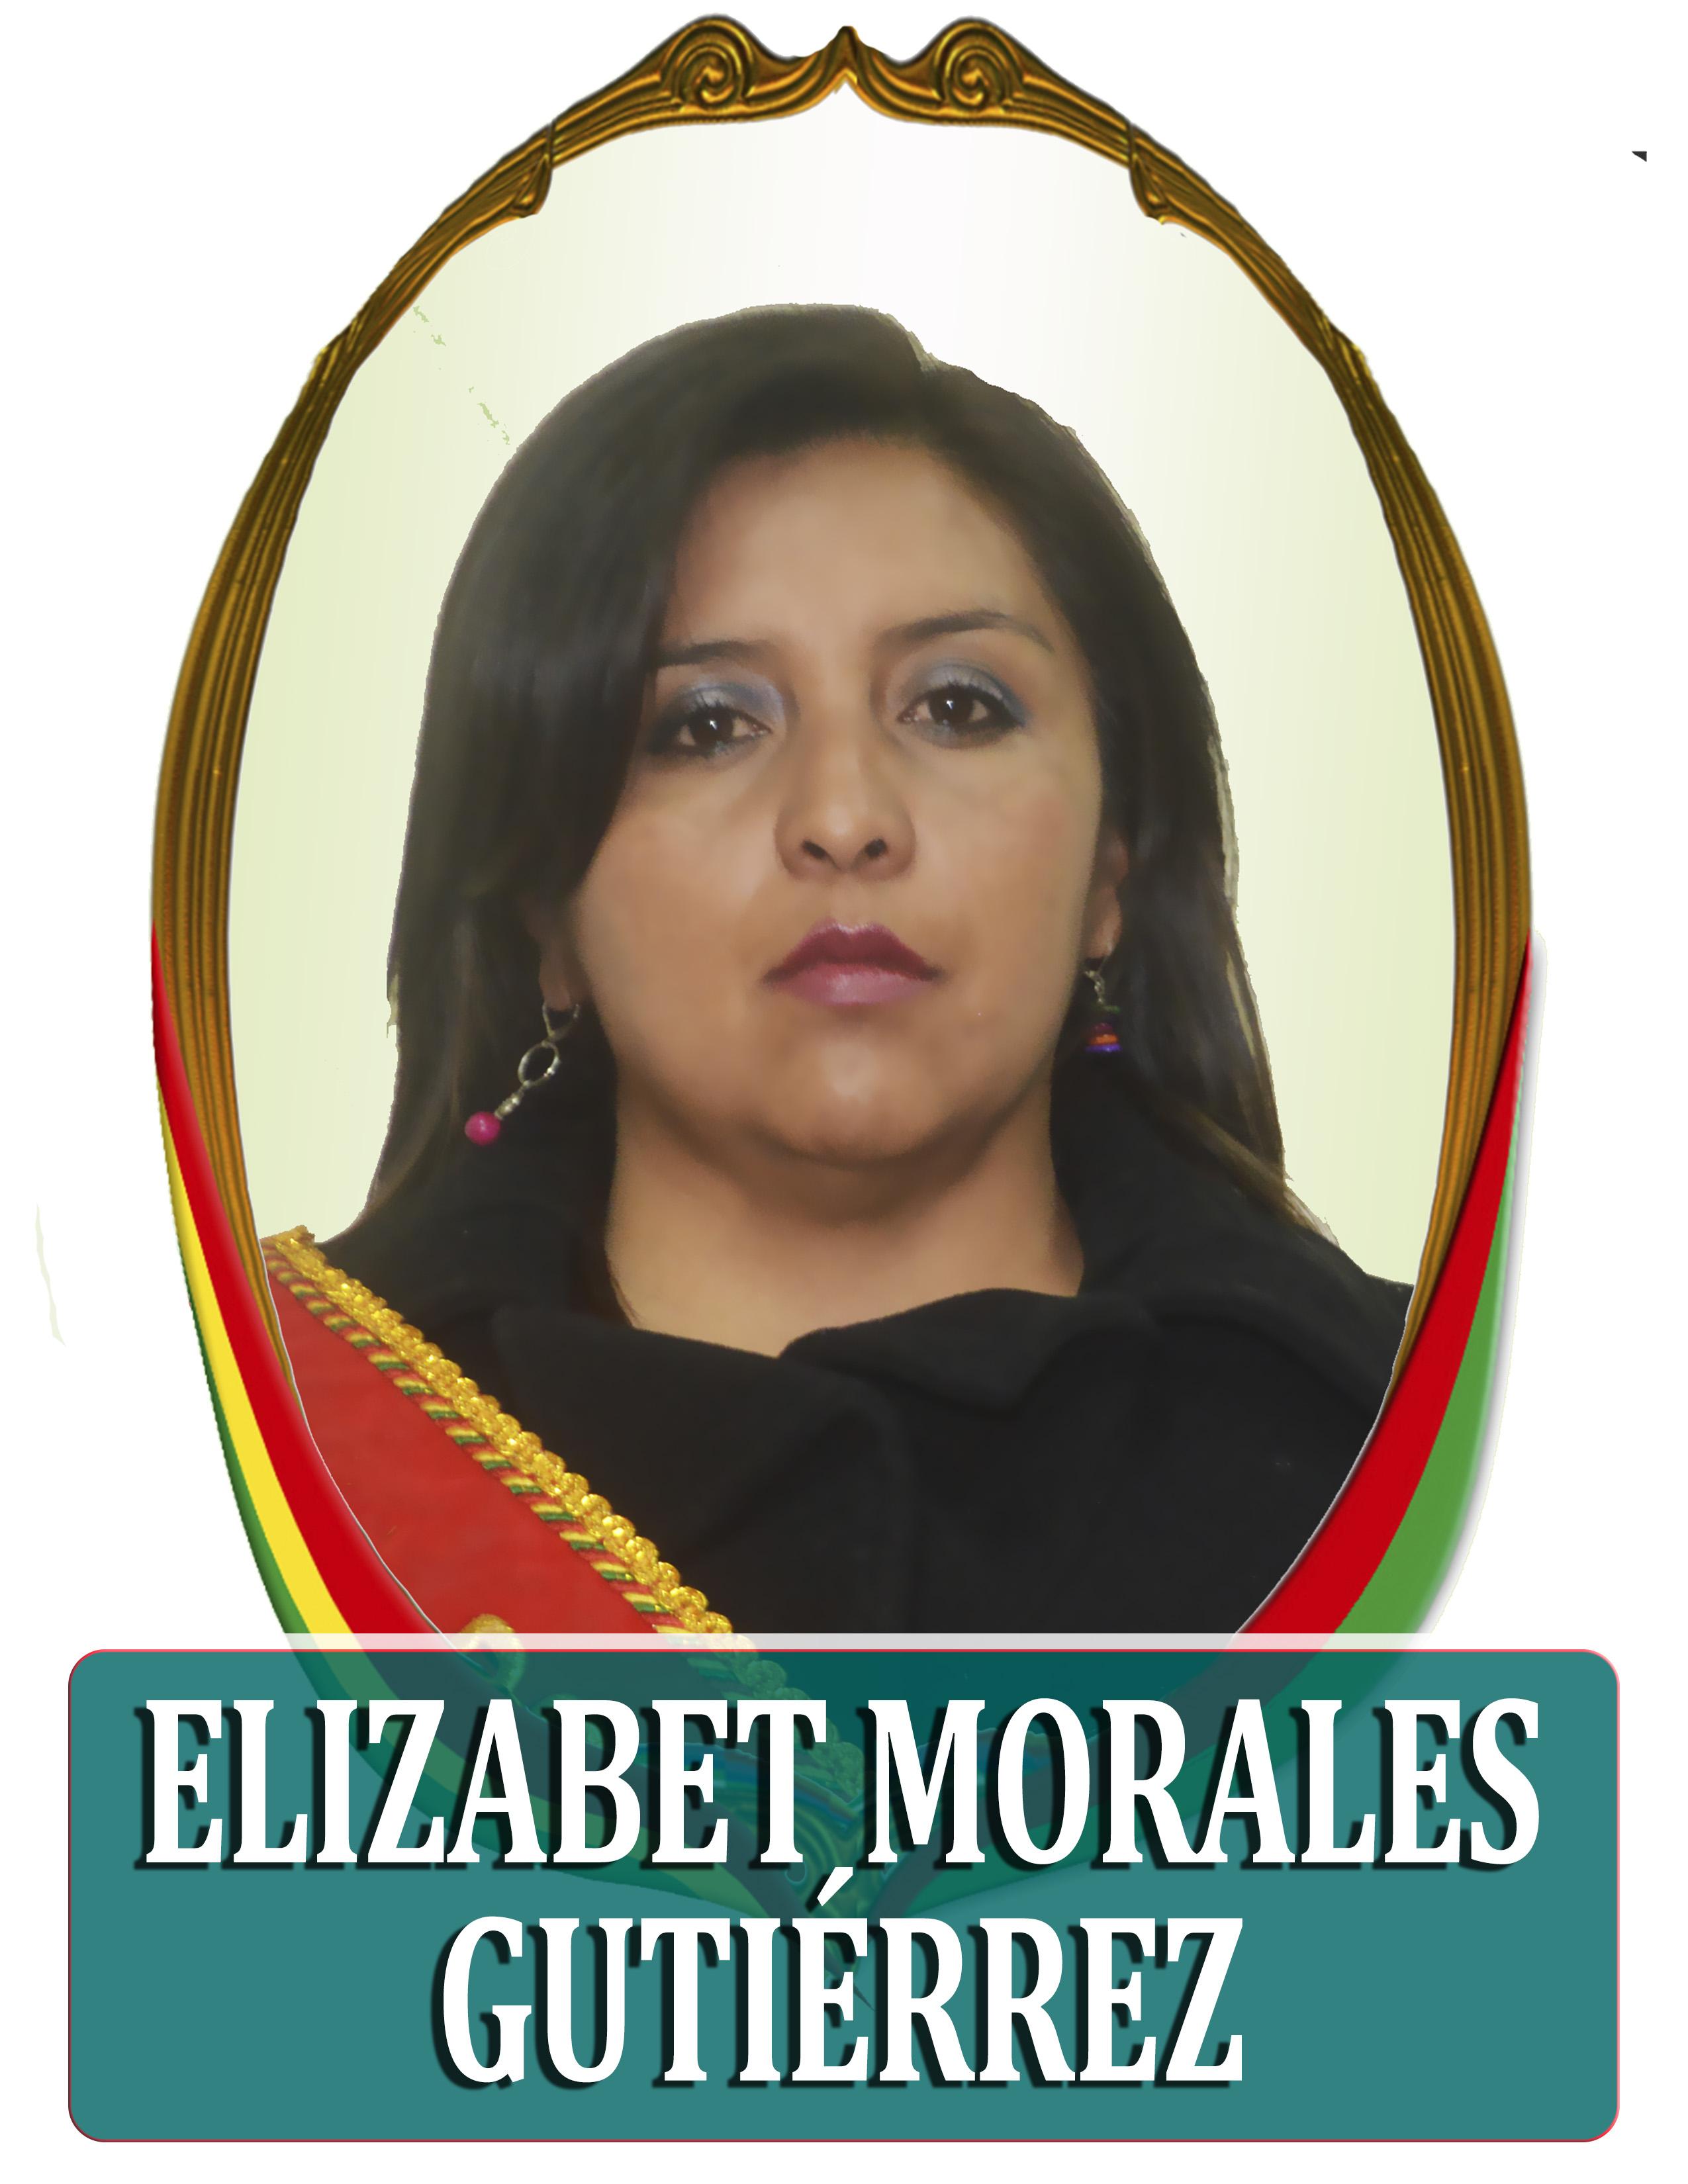 ELIZABETH MORALES GUTIERREZ